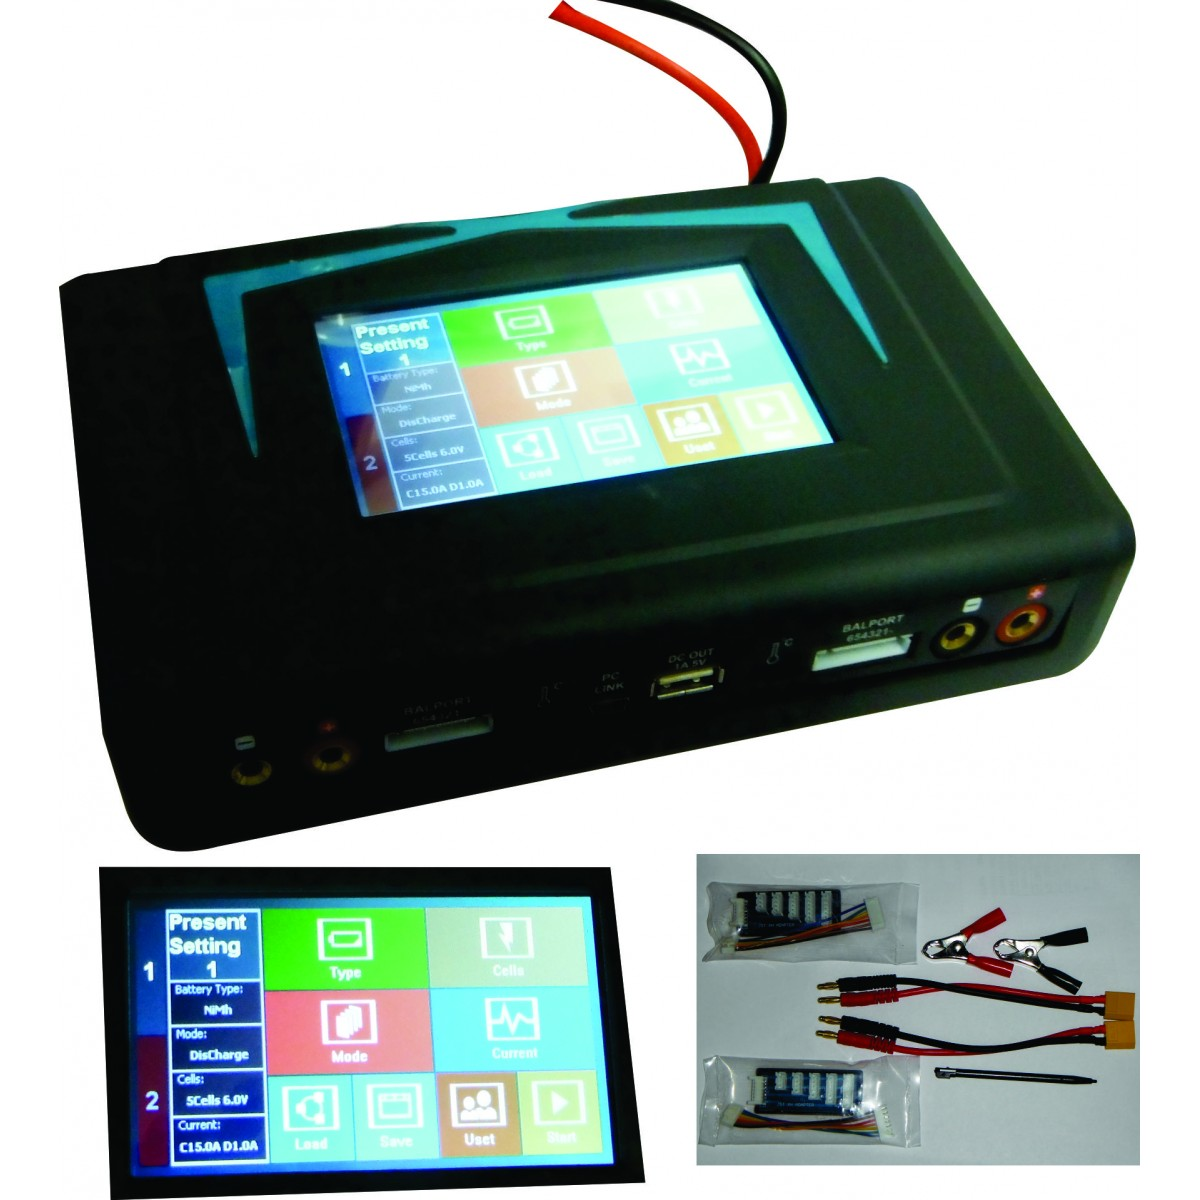 Carregador Digital Imax Dual 400w-Touch Screen-Carrega Tudo!!!!  - King Models